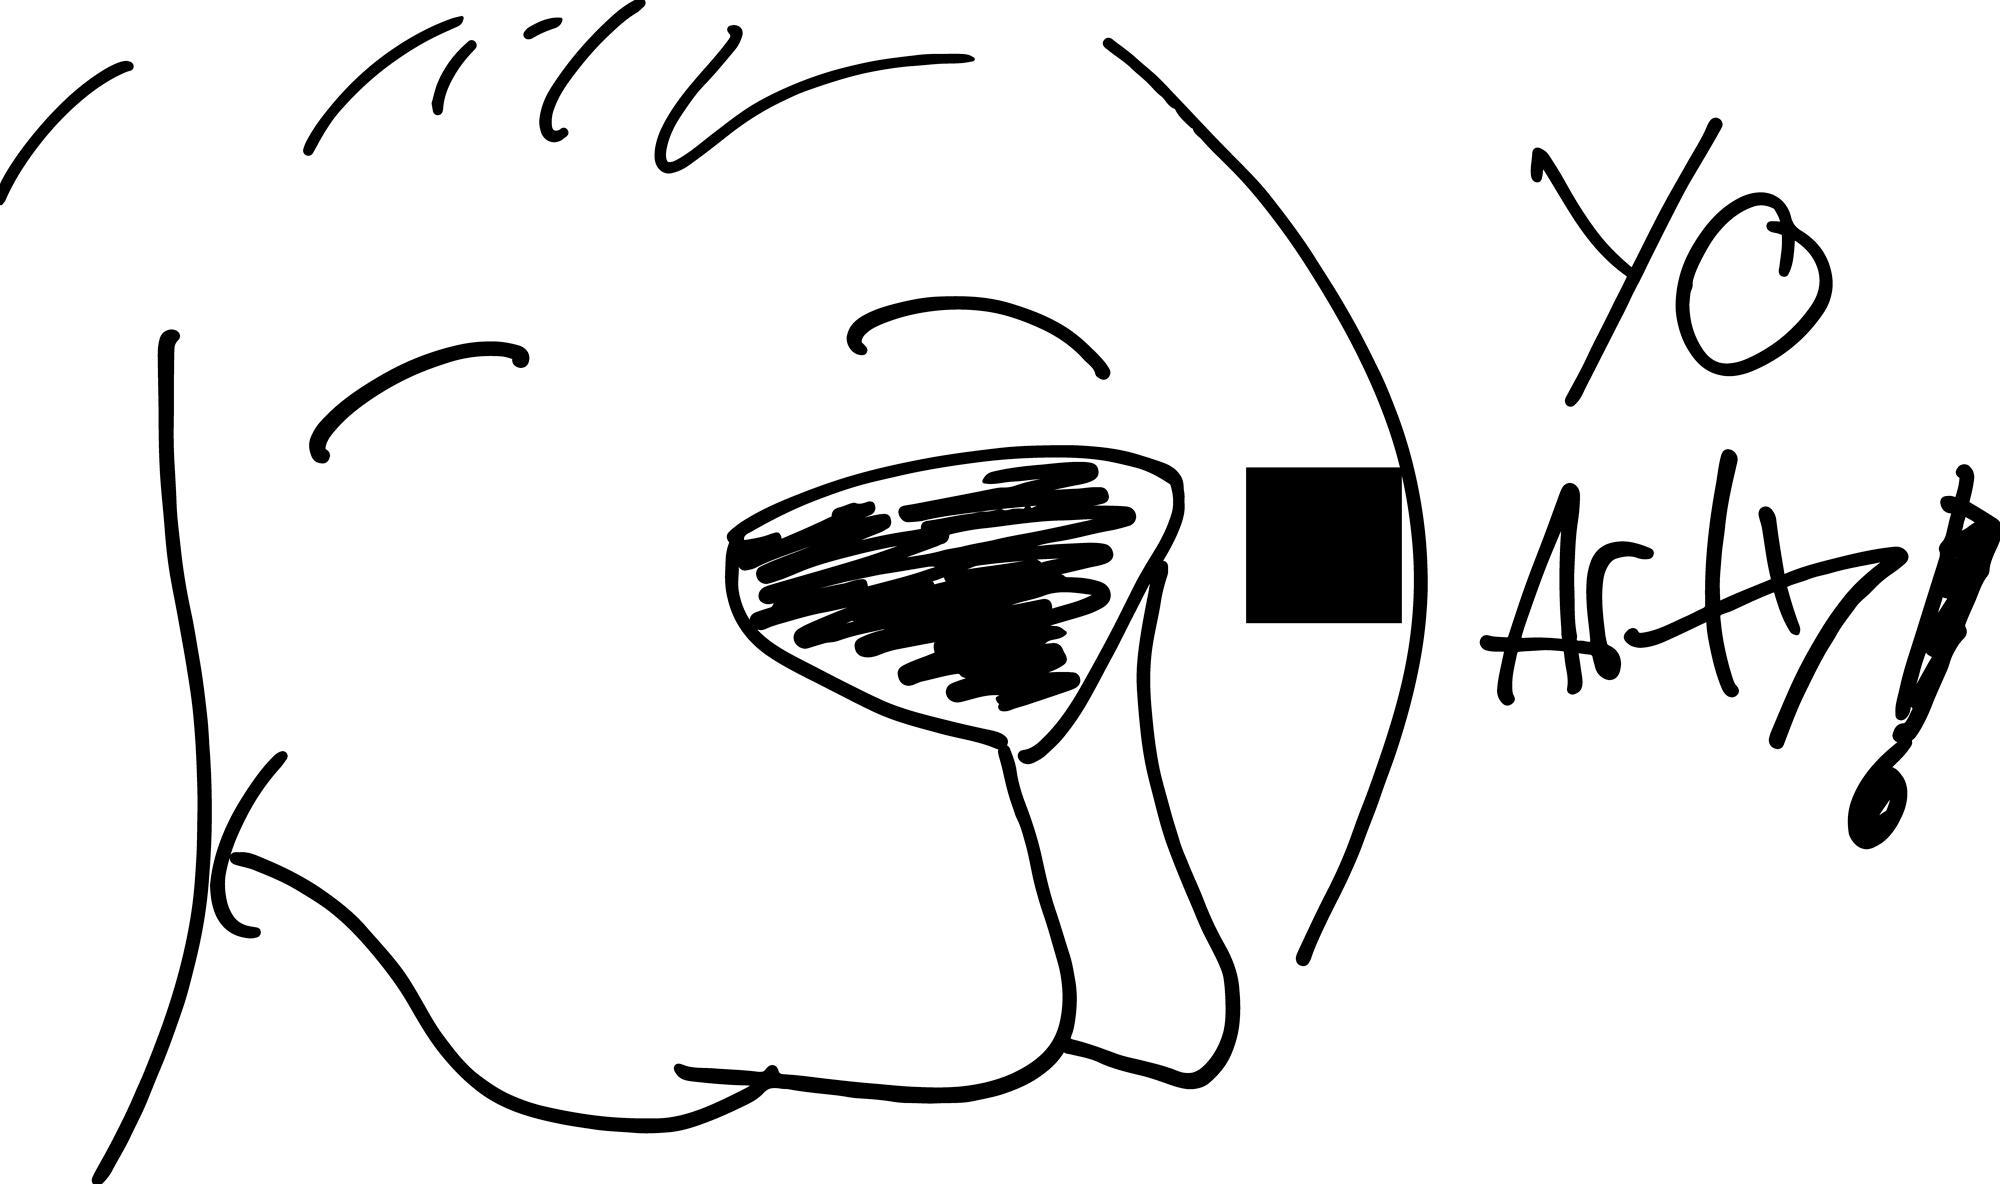 Aaron-Risi-Yo-Arty-logo.png